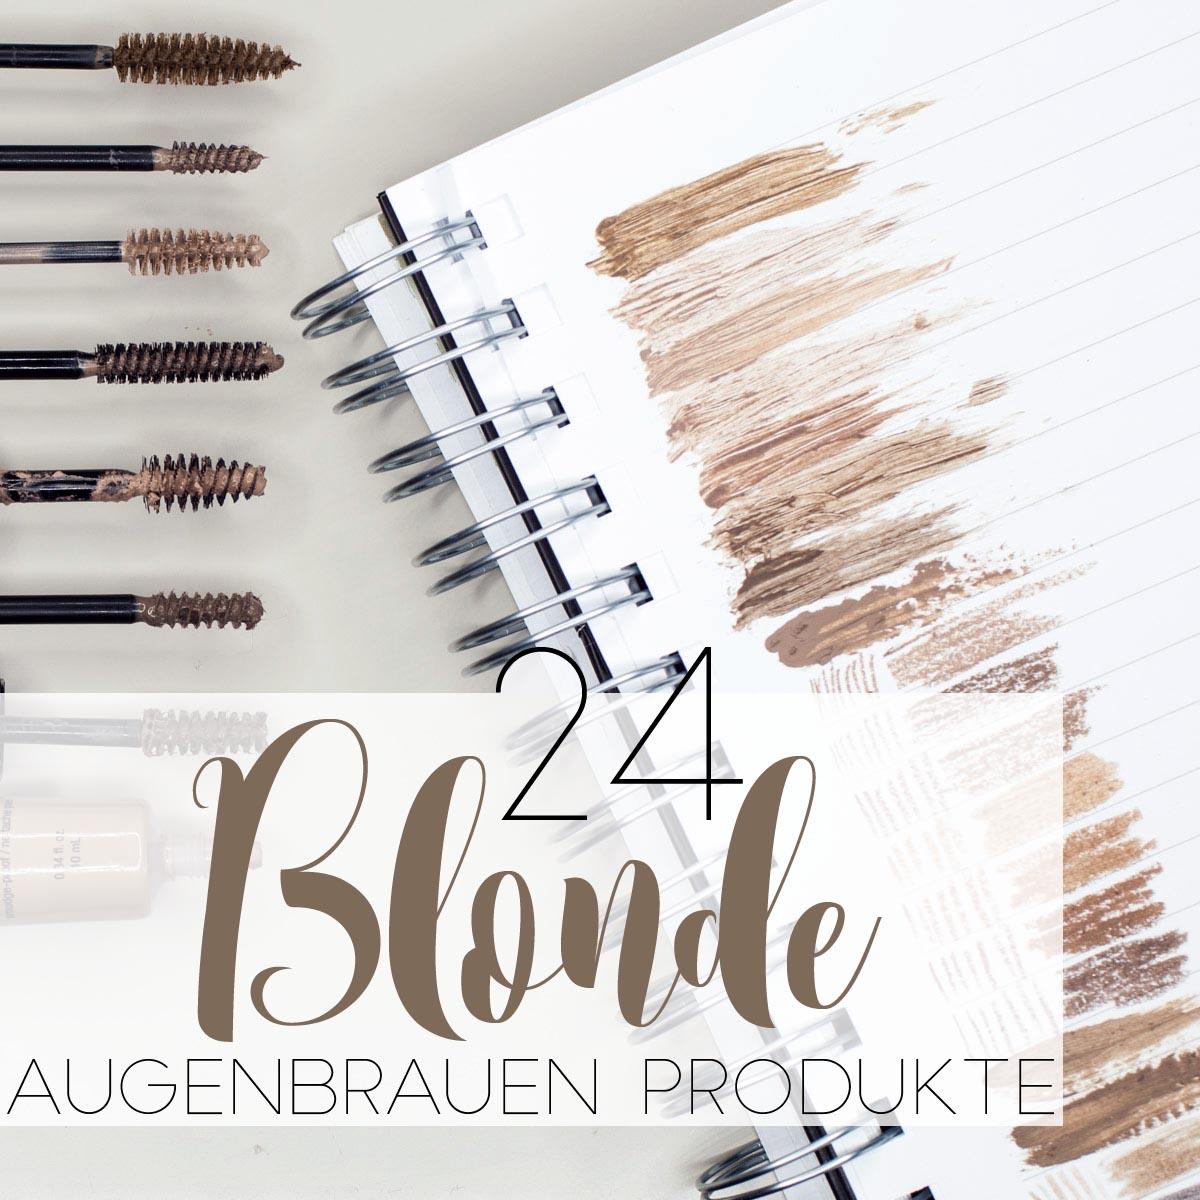 25 Blonde Augenbrauen-Produkte im Vergleich